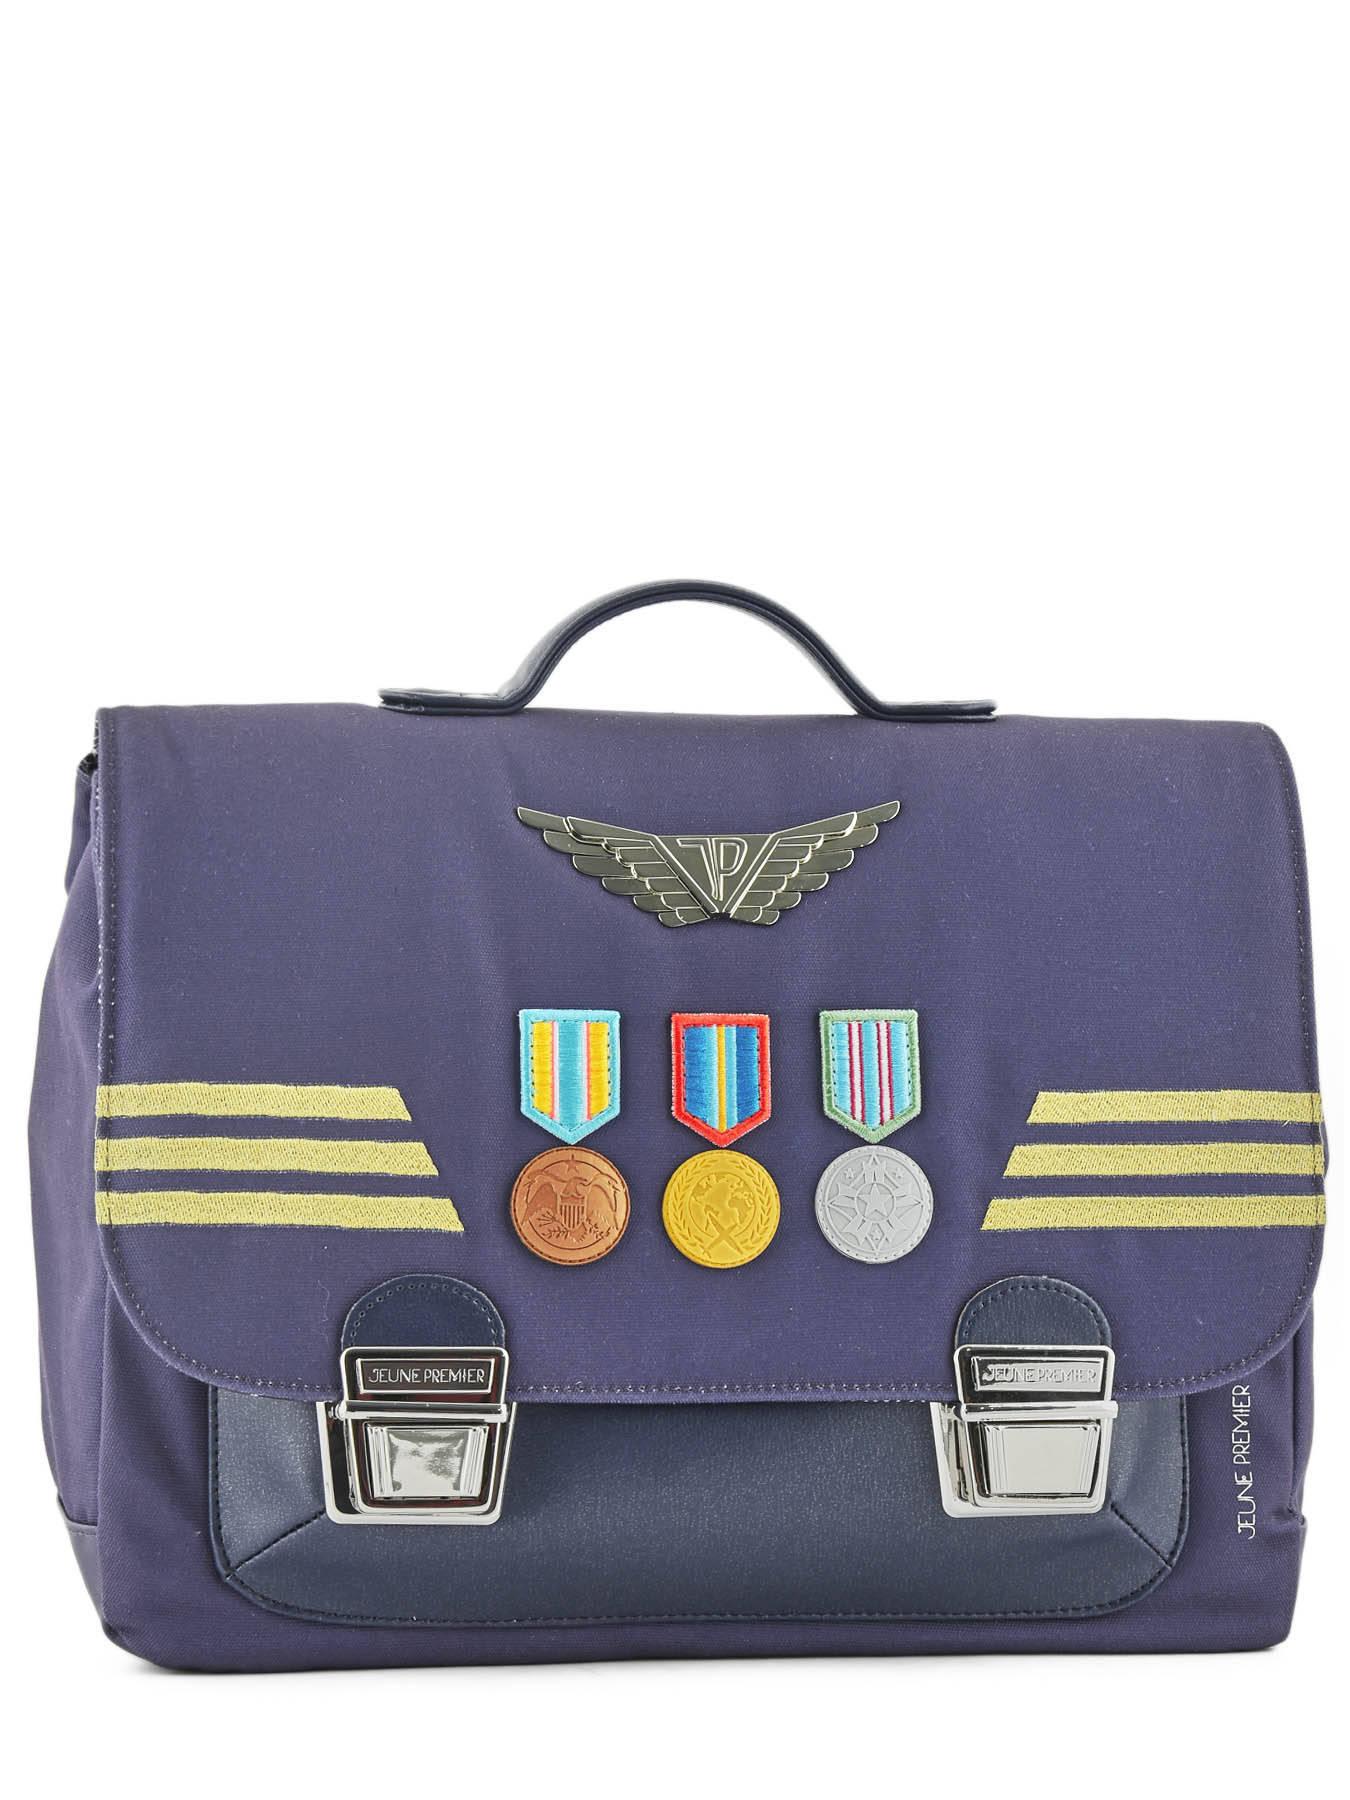 Школьный портфель для мальчика Jeune Premier Captain Midi Капитан, - фото 3